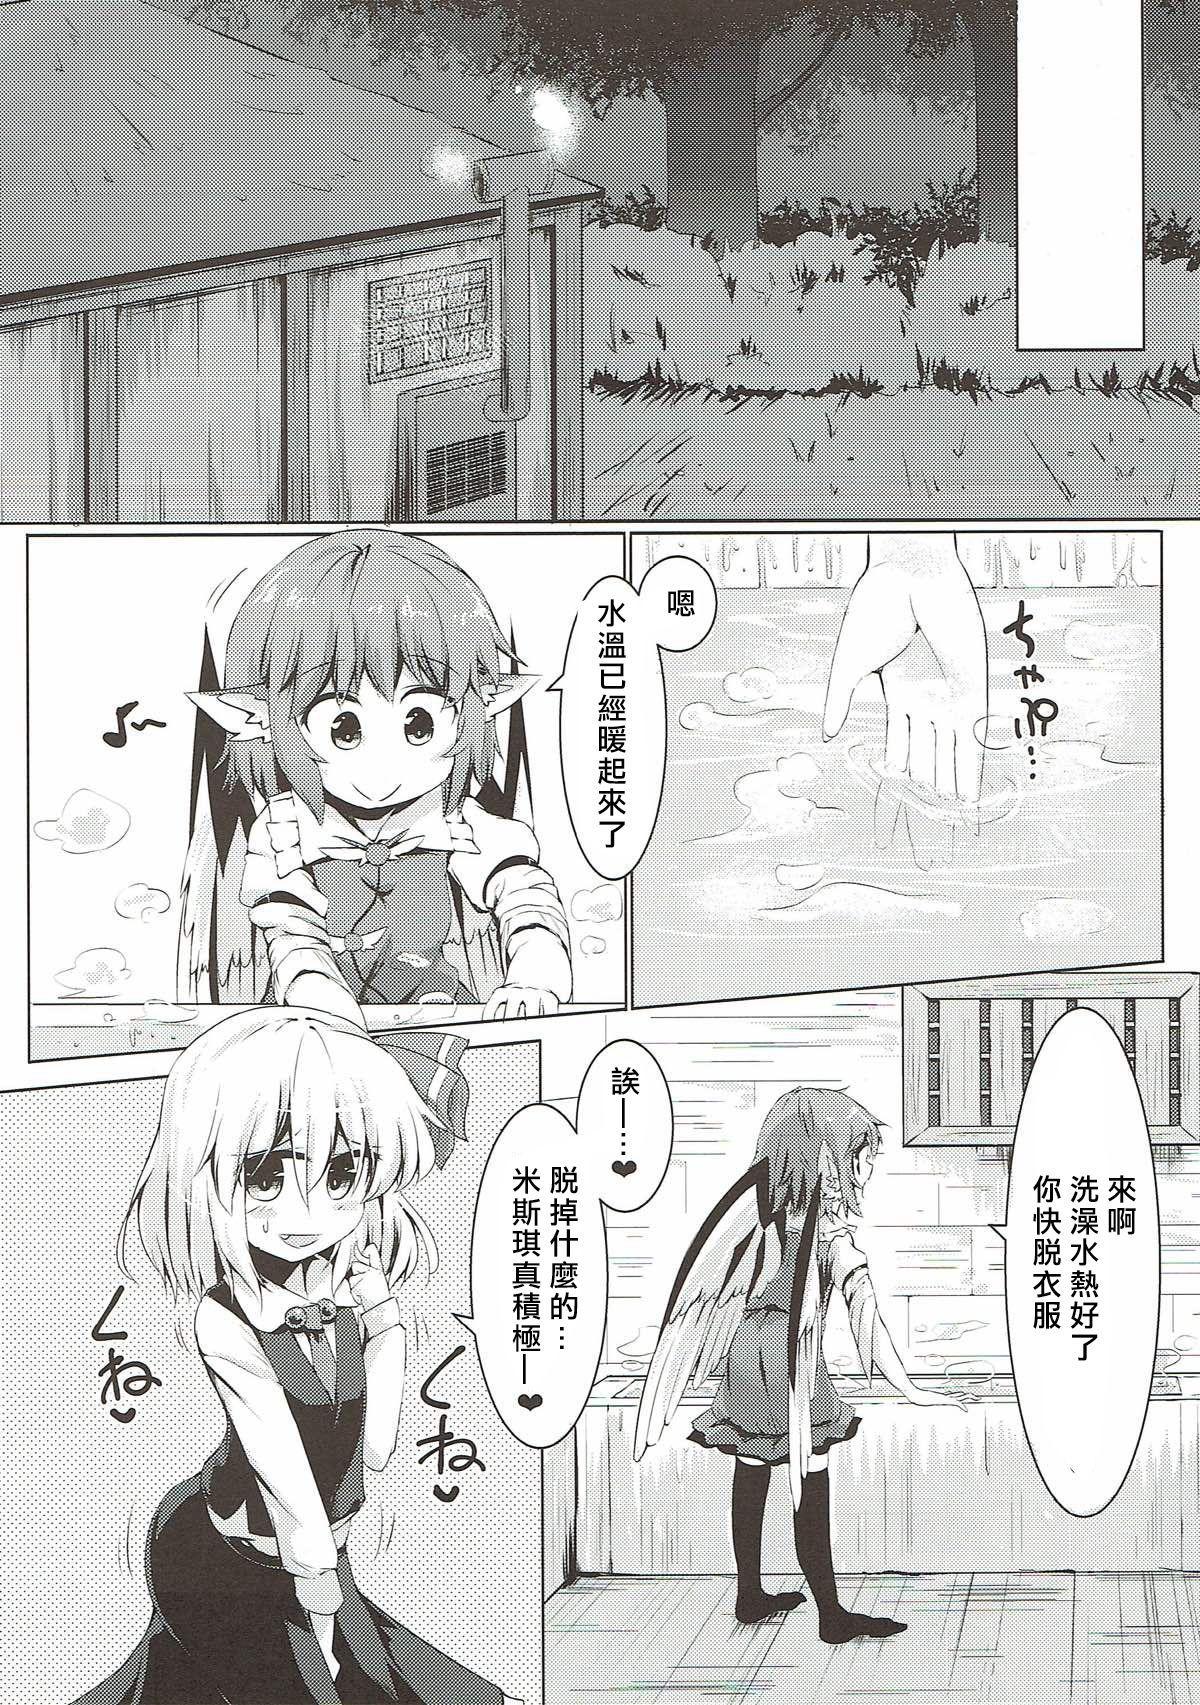 Yachou no Gyouzui 4